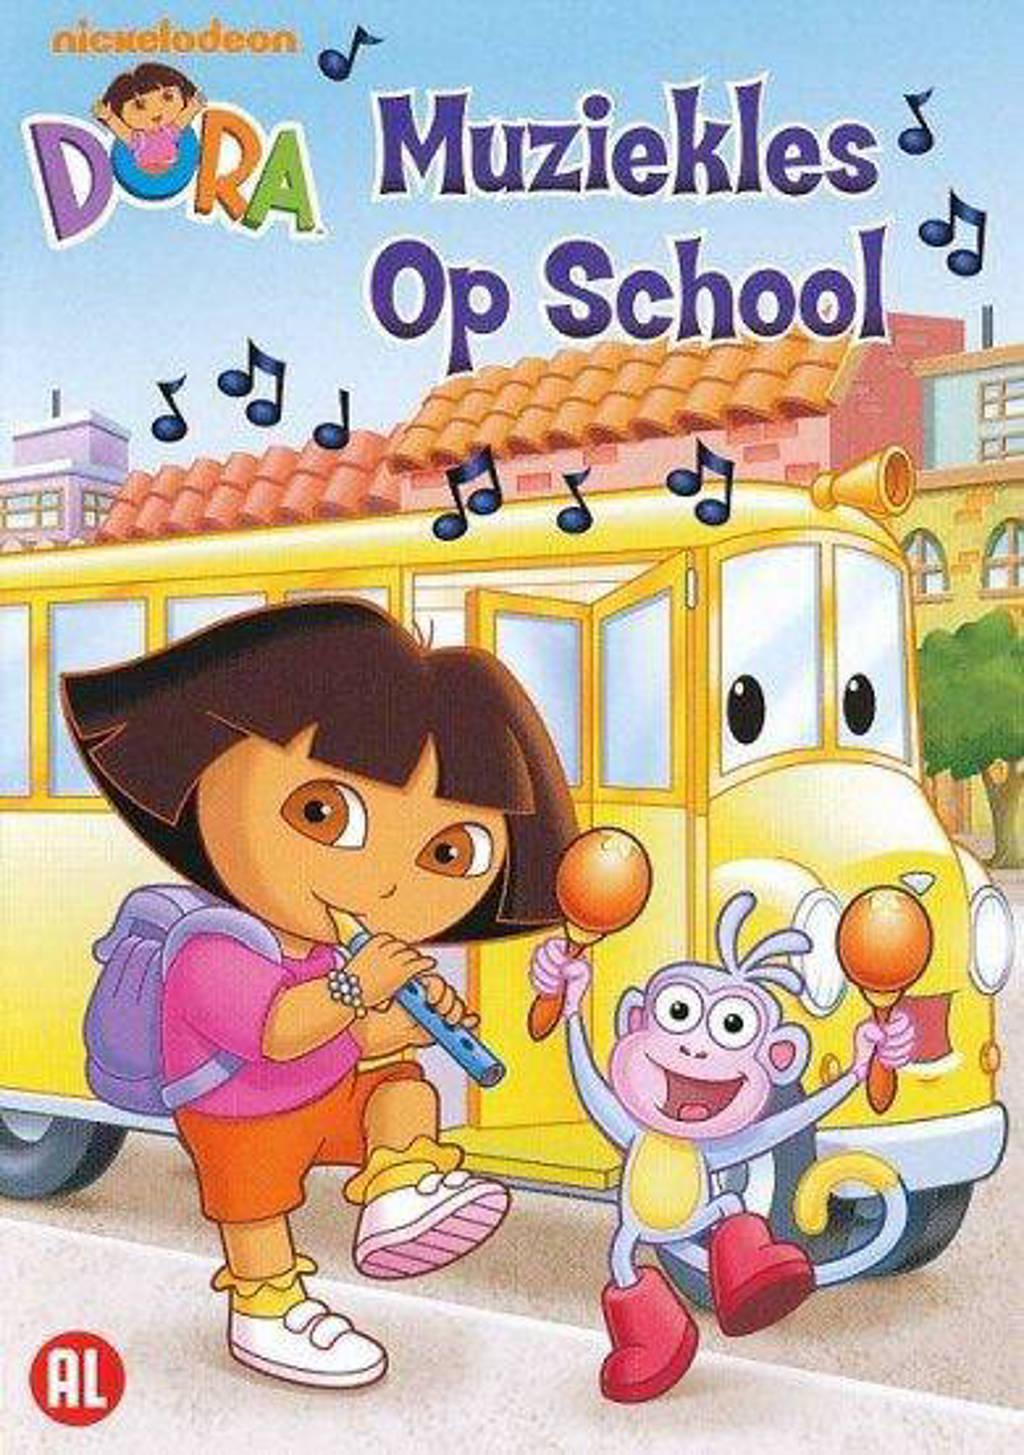 Dora - Muziekles op school (DVD)